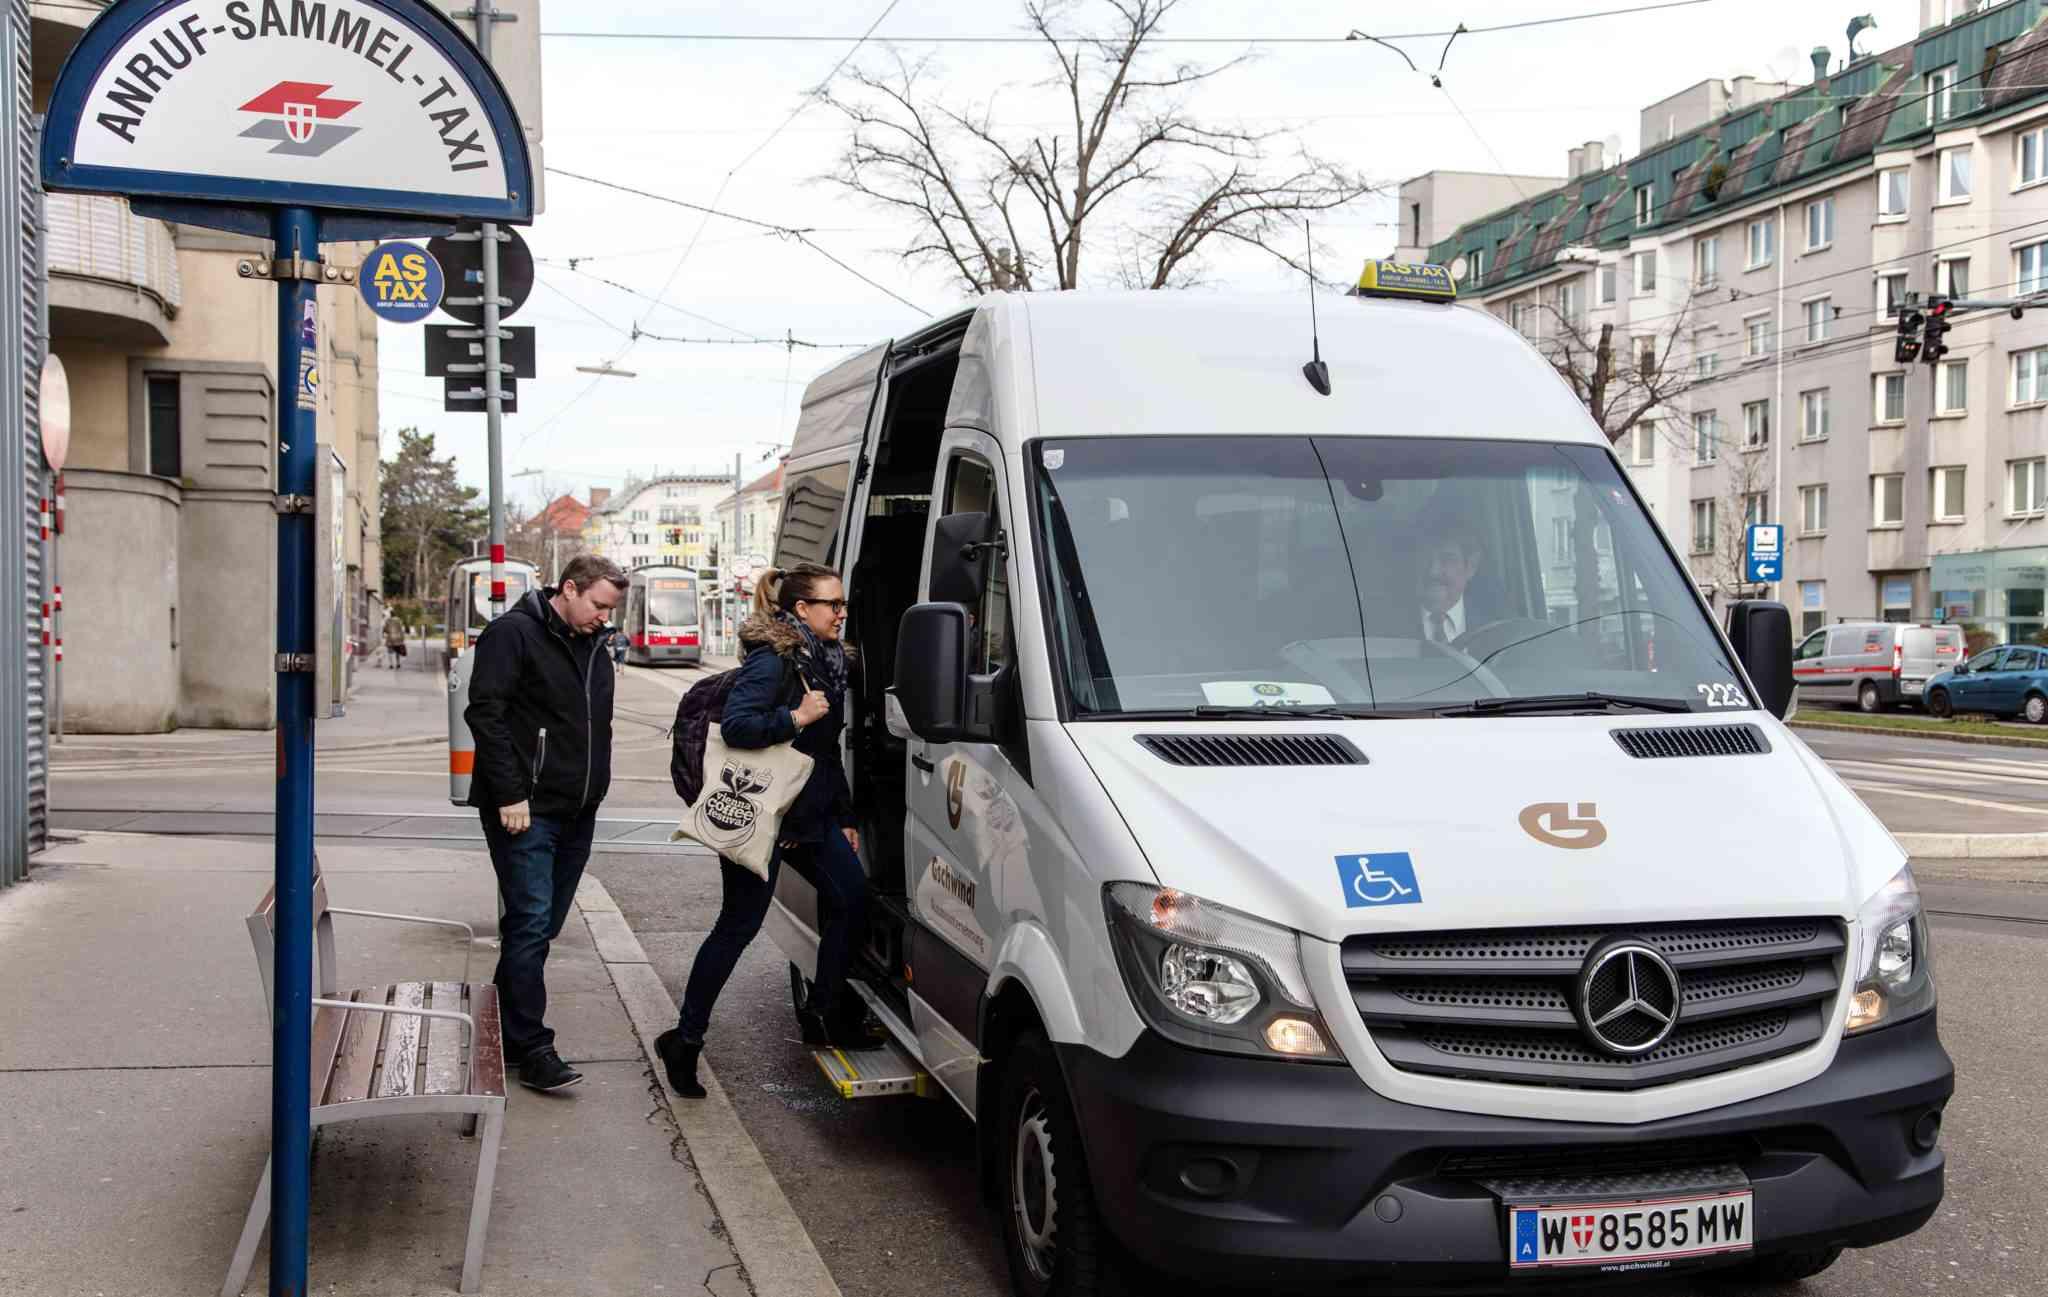 Das ASTAX (Anruf-Sammel-Taxi) kommt bereits ab einer Person.